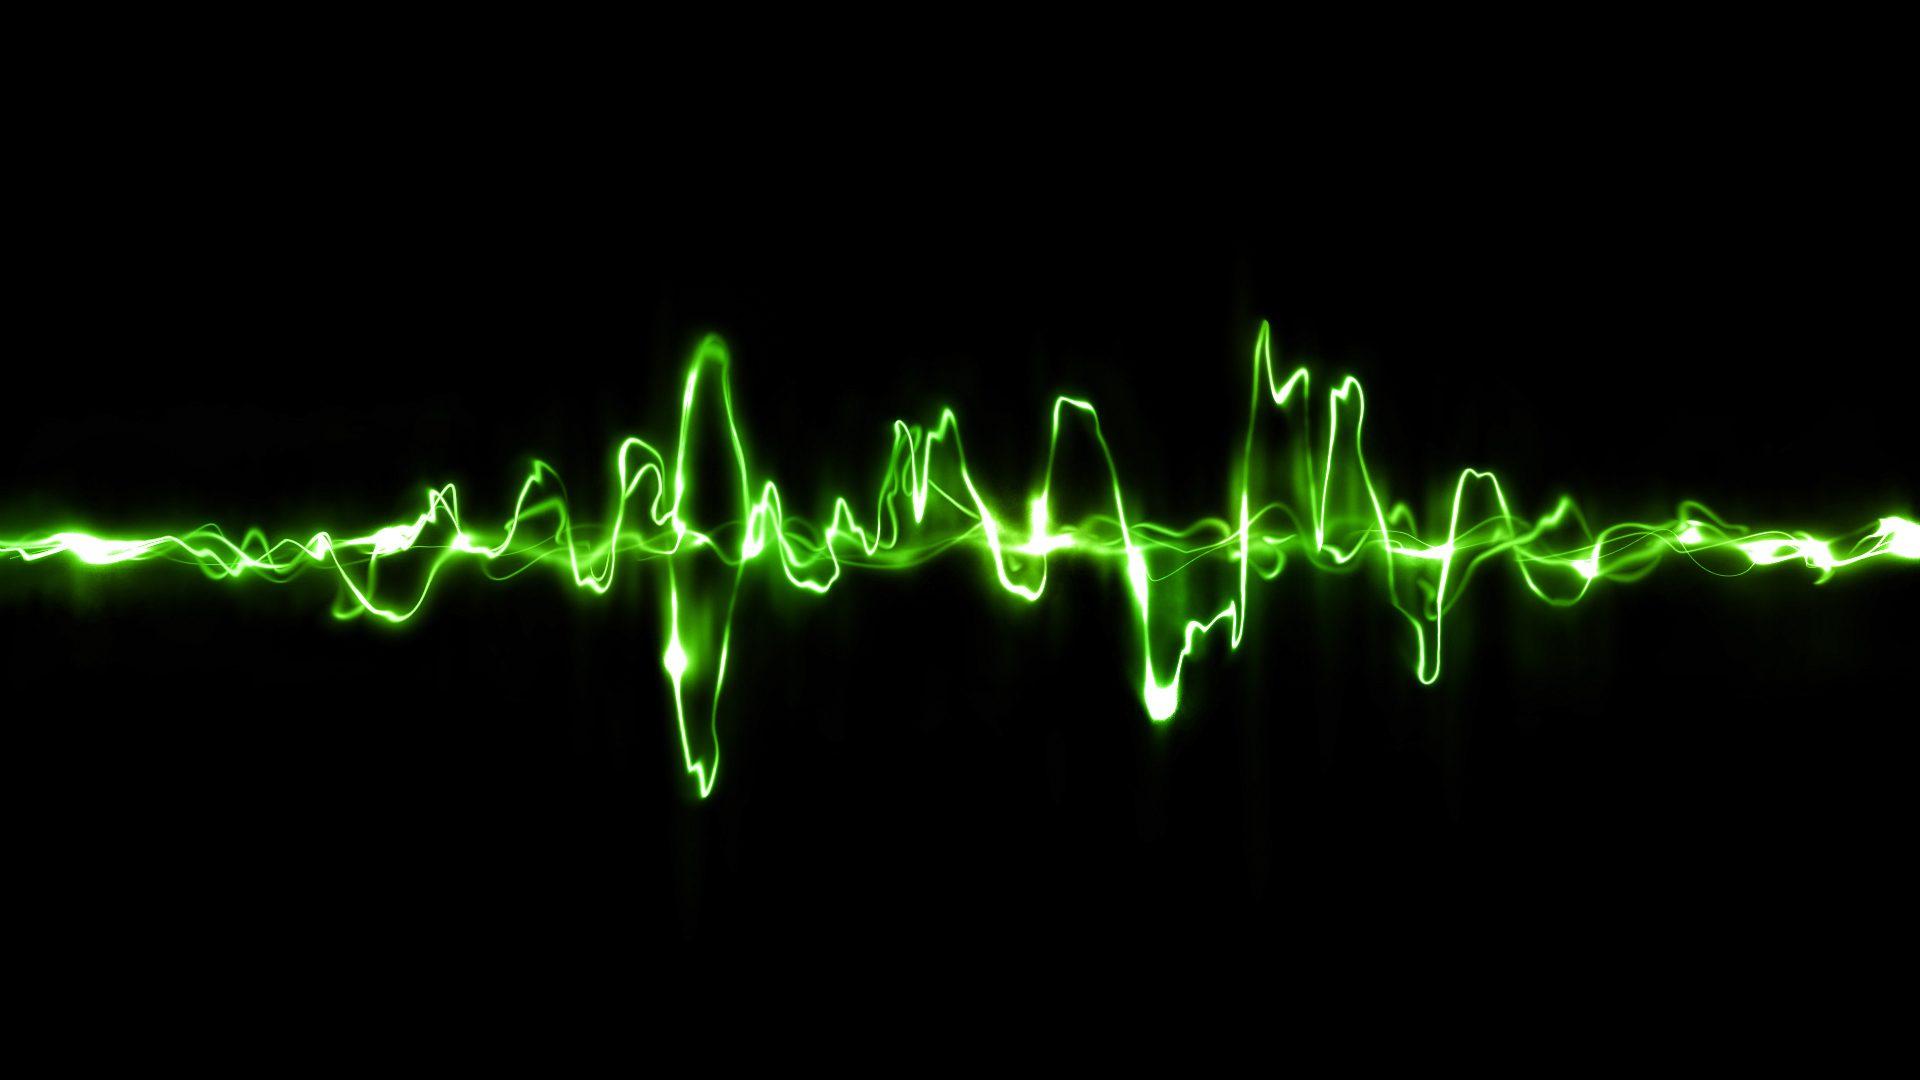 Сигнал волны неоновый цвет 1920x1080 px